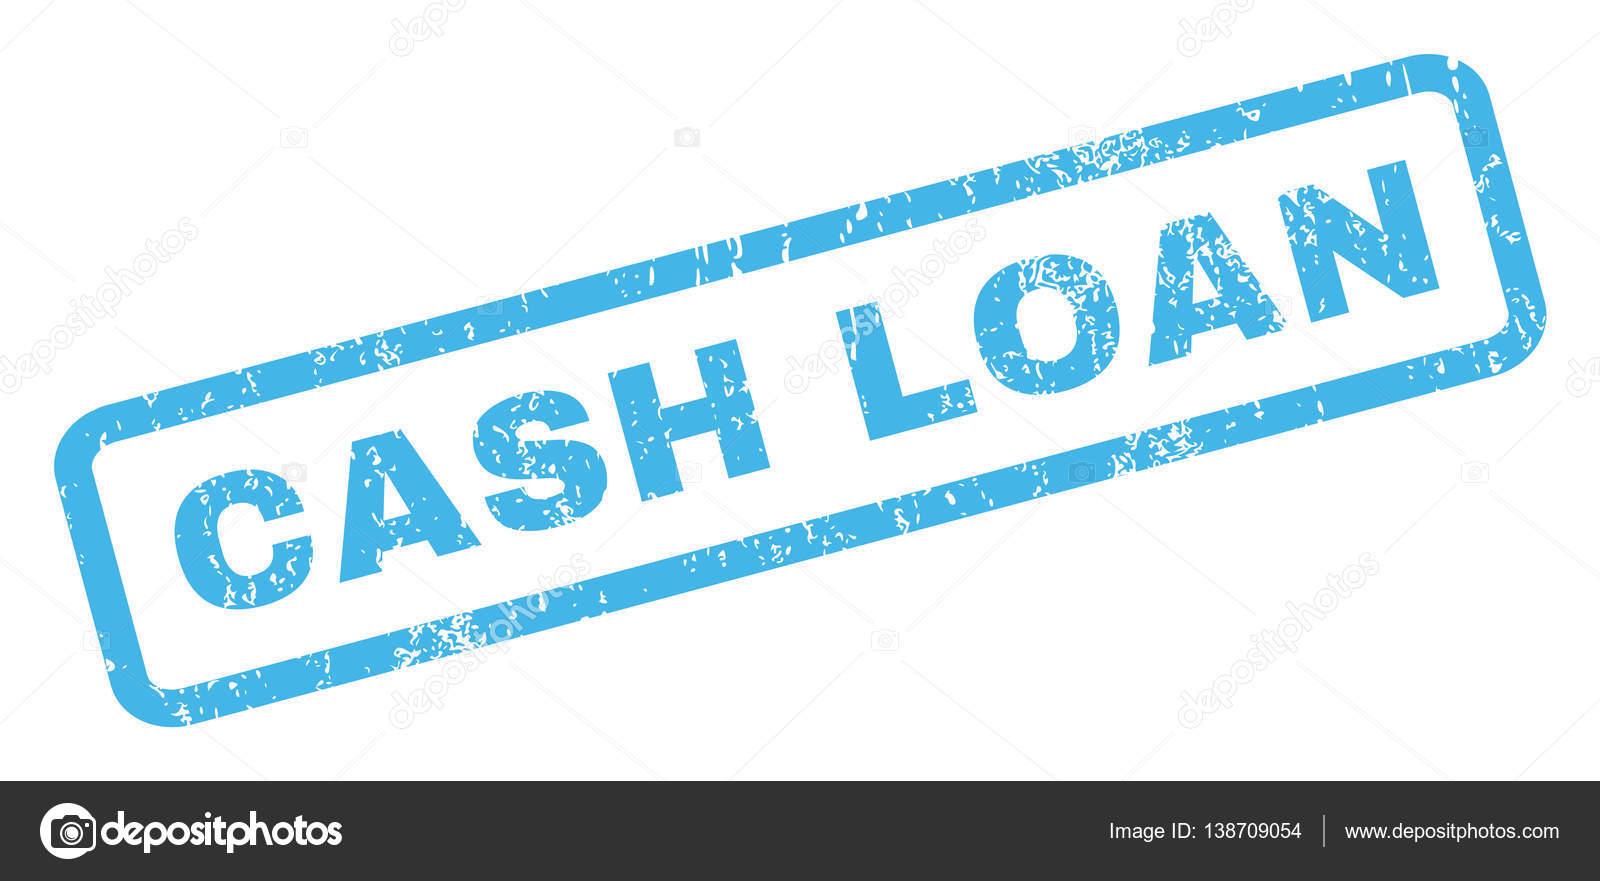 Usa payday loans harlem photo 2